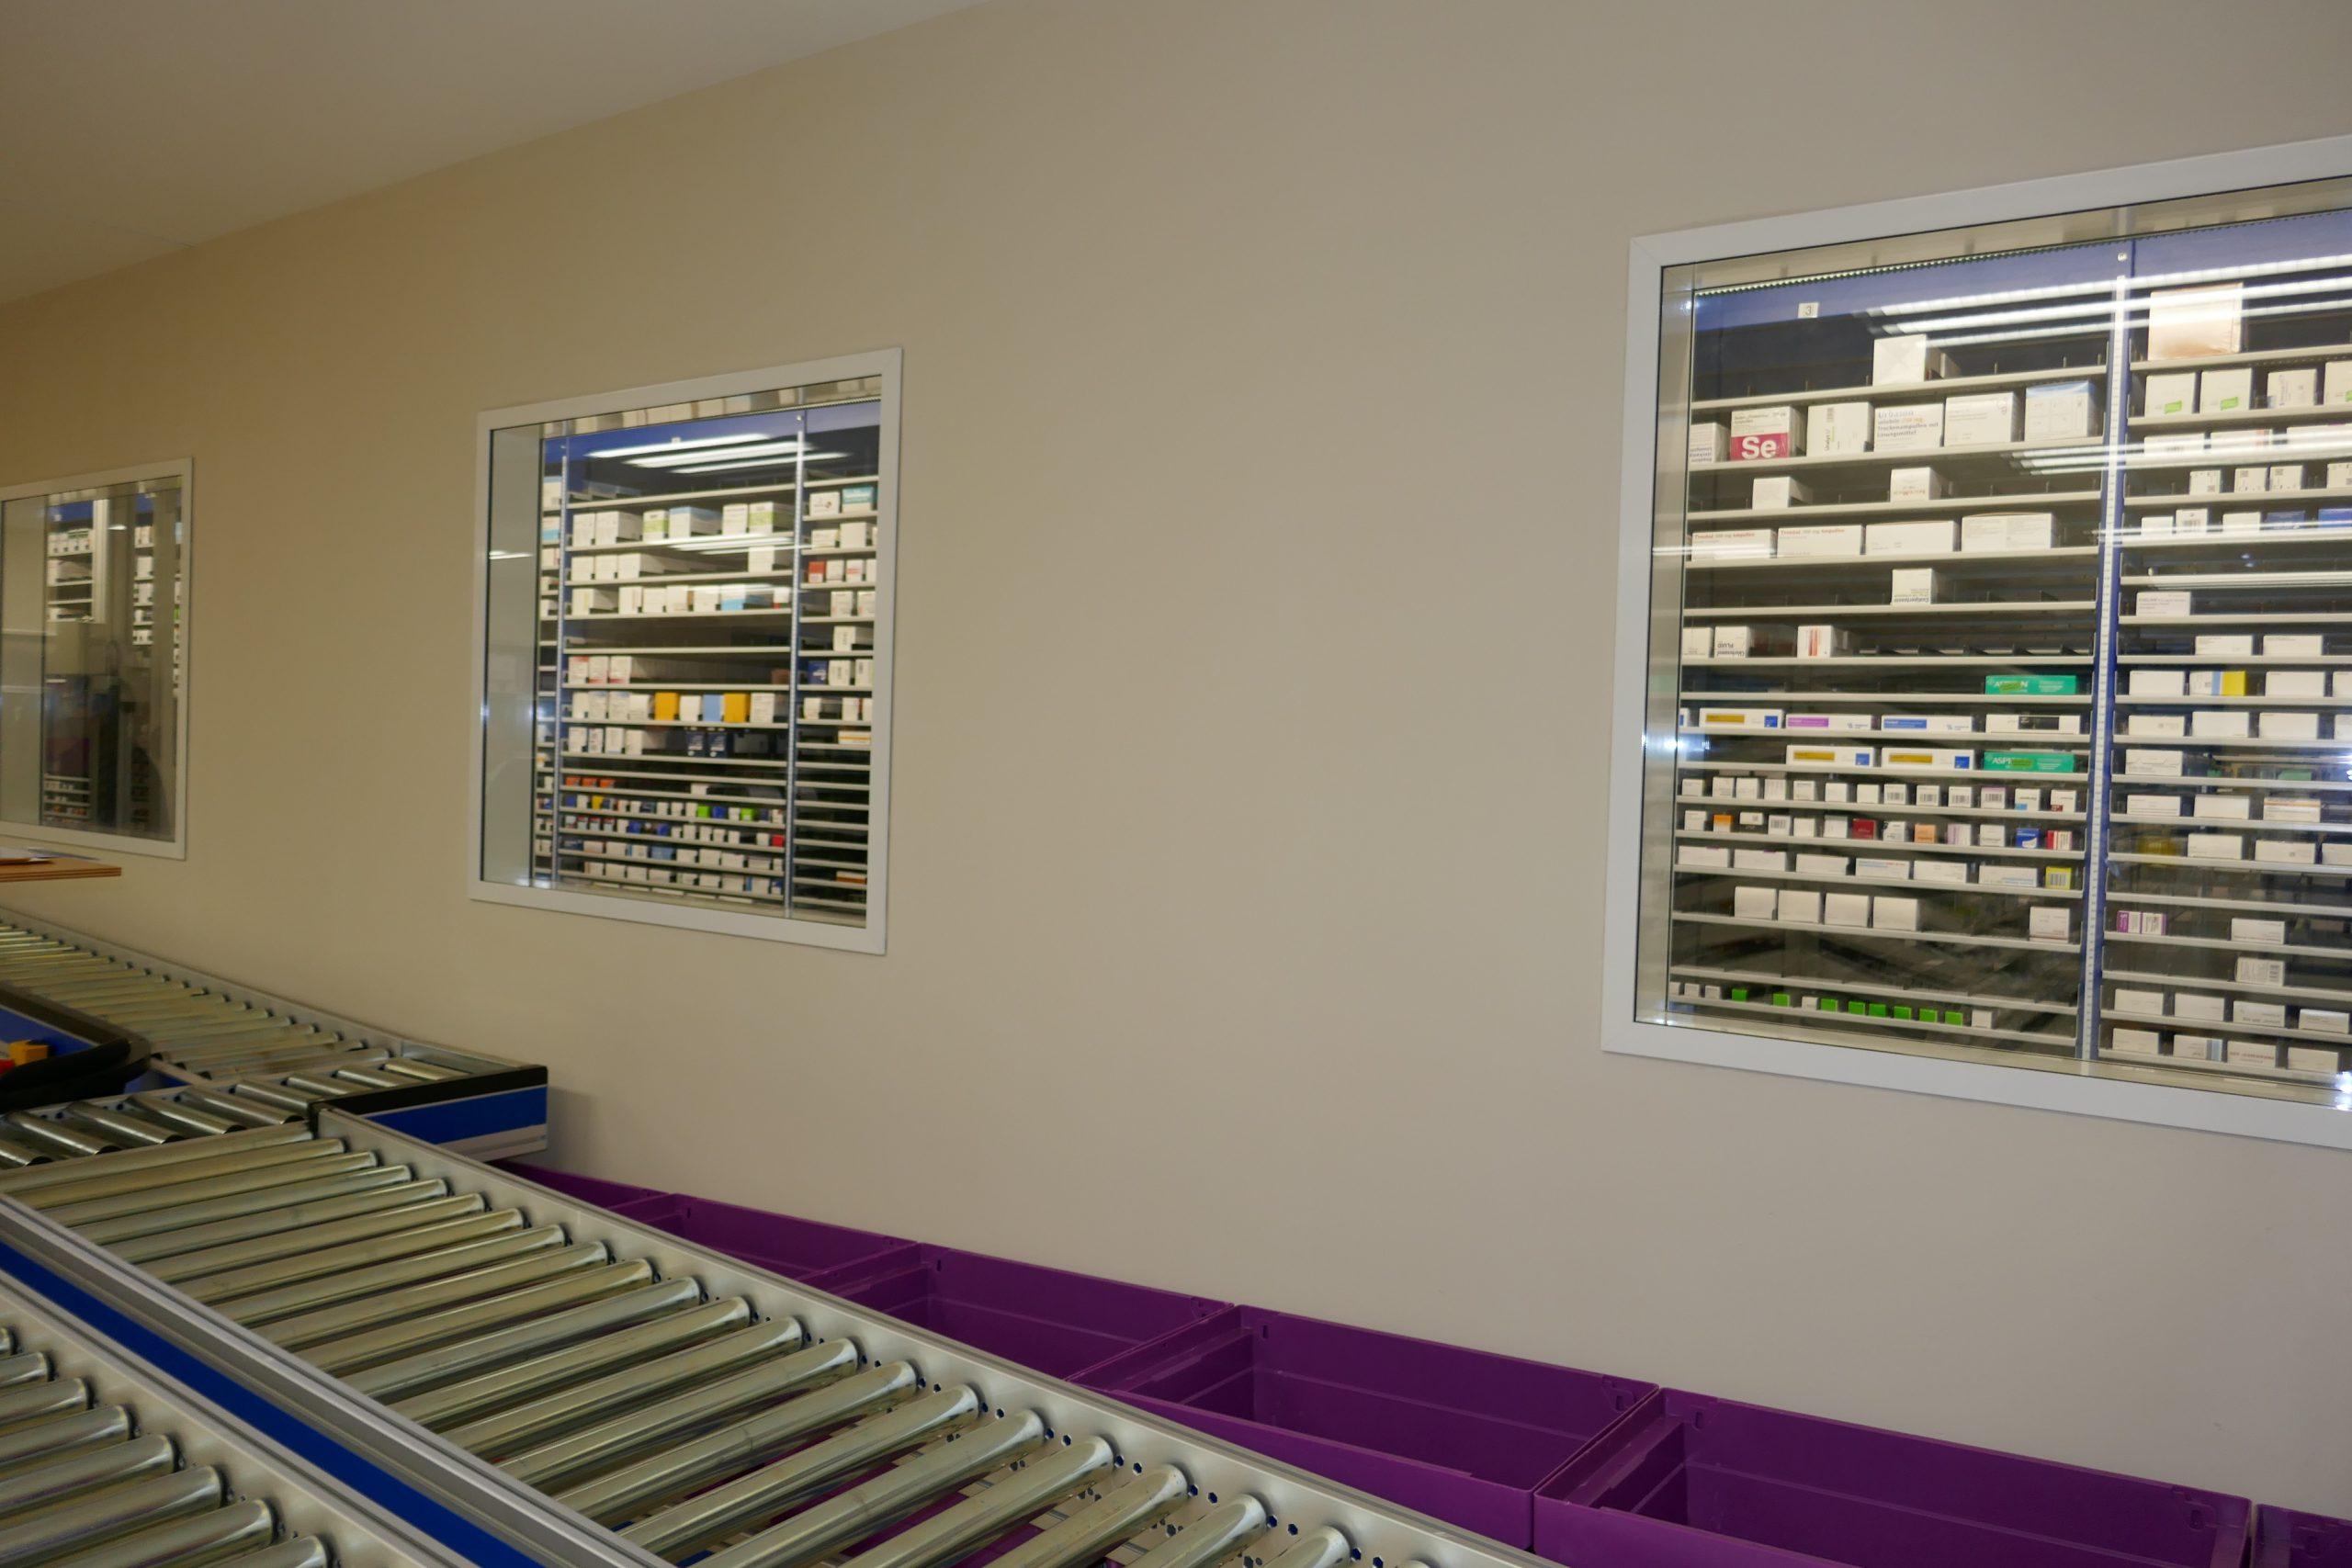 Kommissionierautomat für Arzneimittel im Versorgungszentrum am LKH Graz